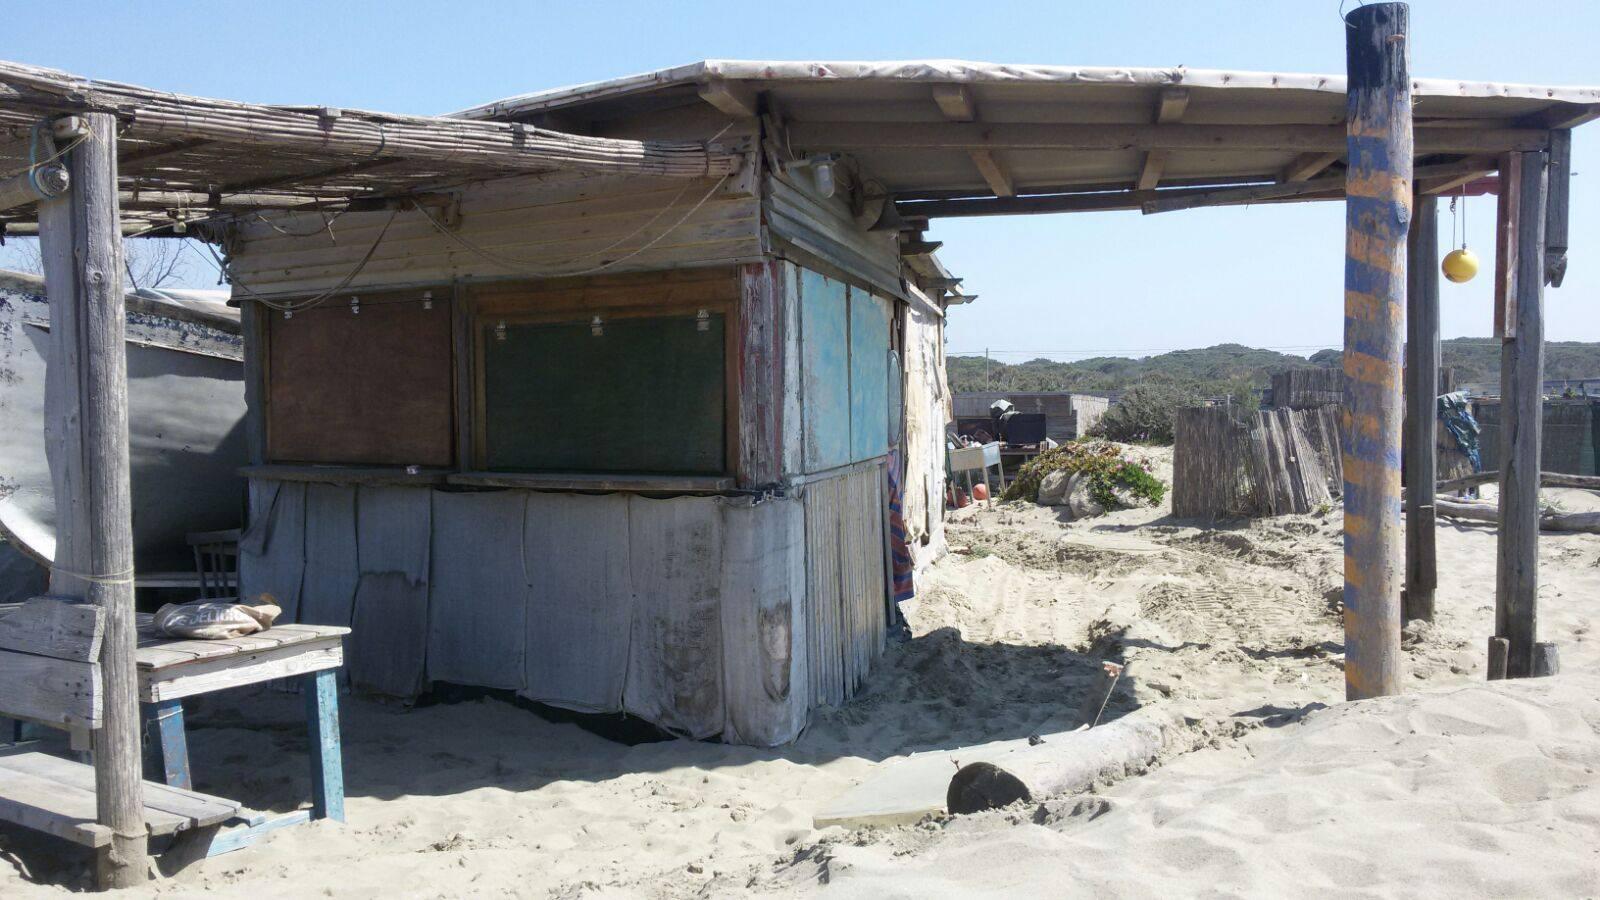 L'idea di Ascanio Fedrigo trasformata in realtà: una spiaggia libera a portata di tutti